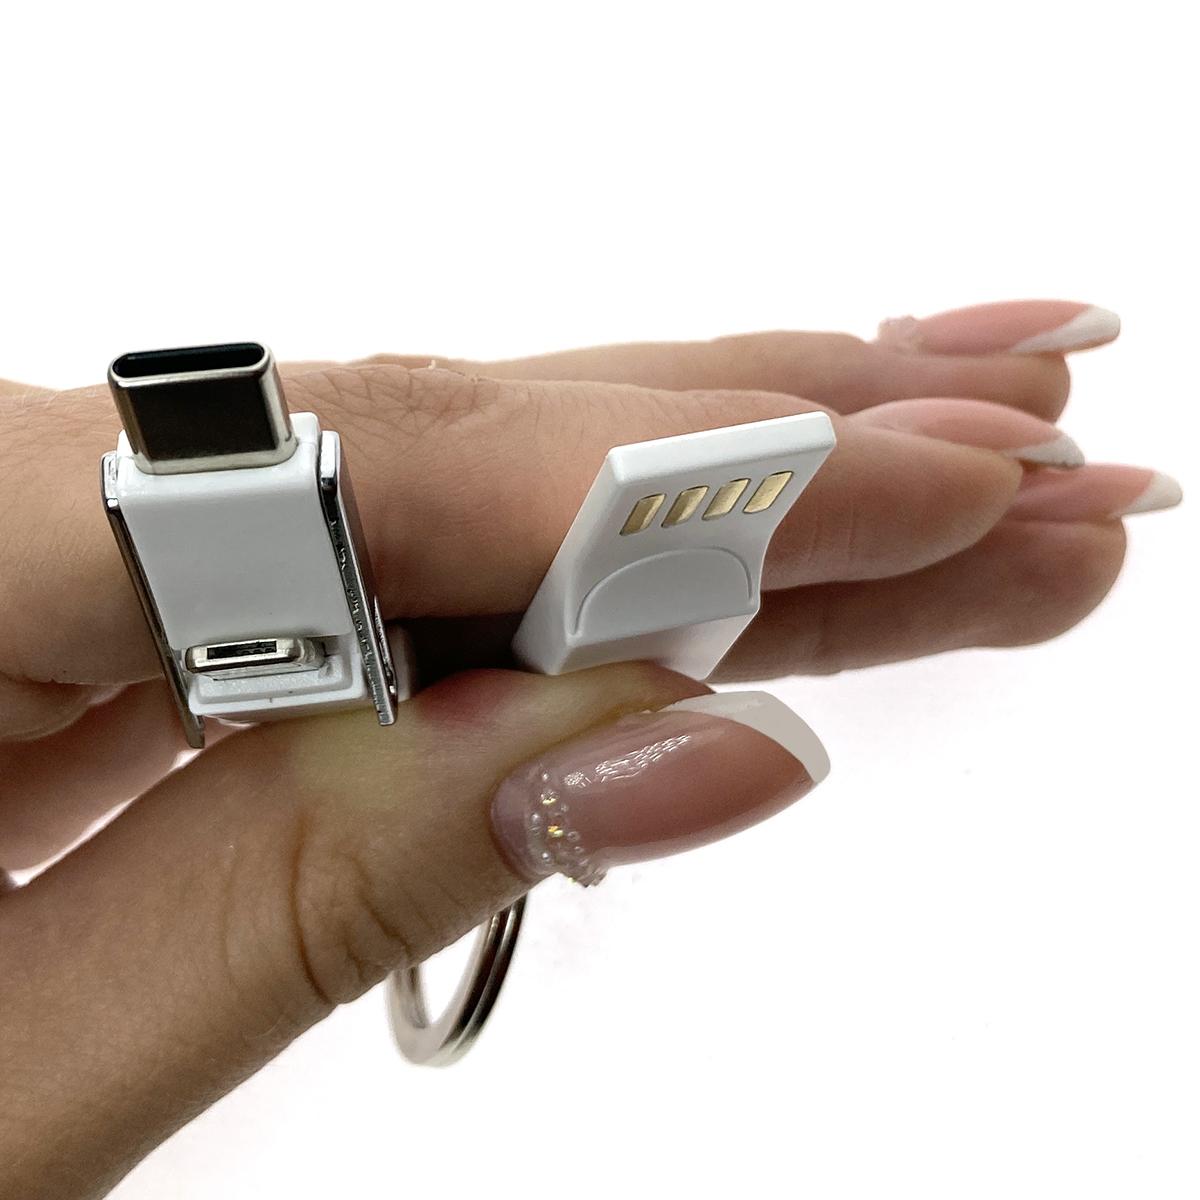 Универсальный брелок-переходник 3в1 USB 2.0 to Type C + micro USB + iphone Lightning 8pin, голубой, Emagn3i1 Espada